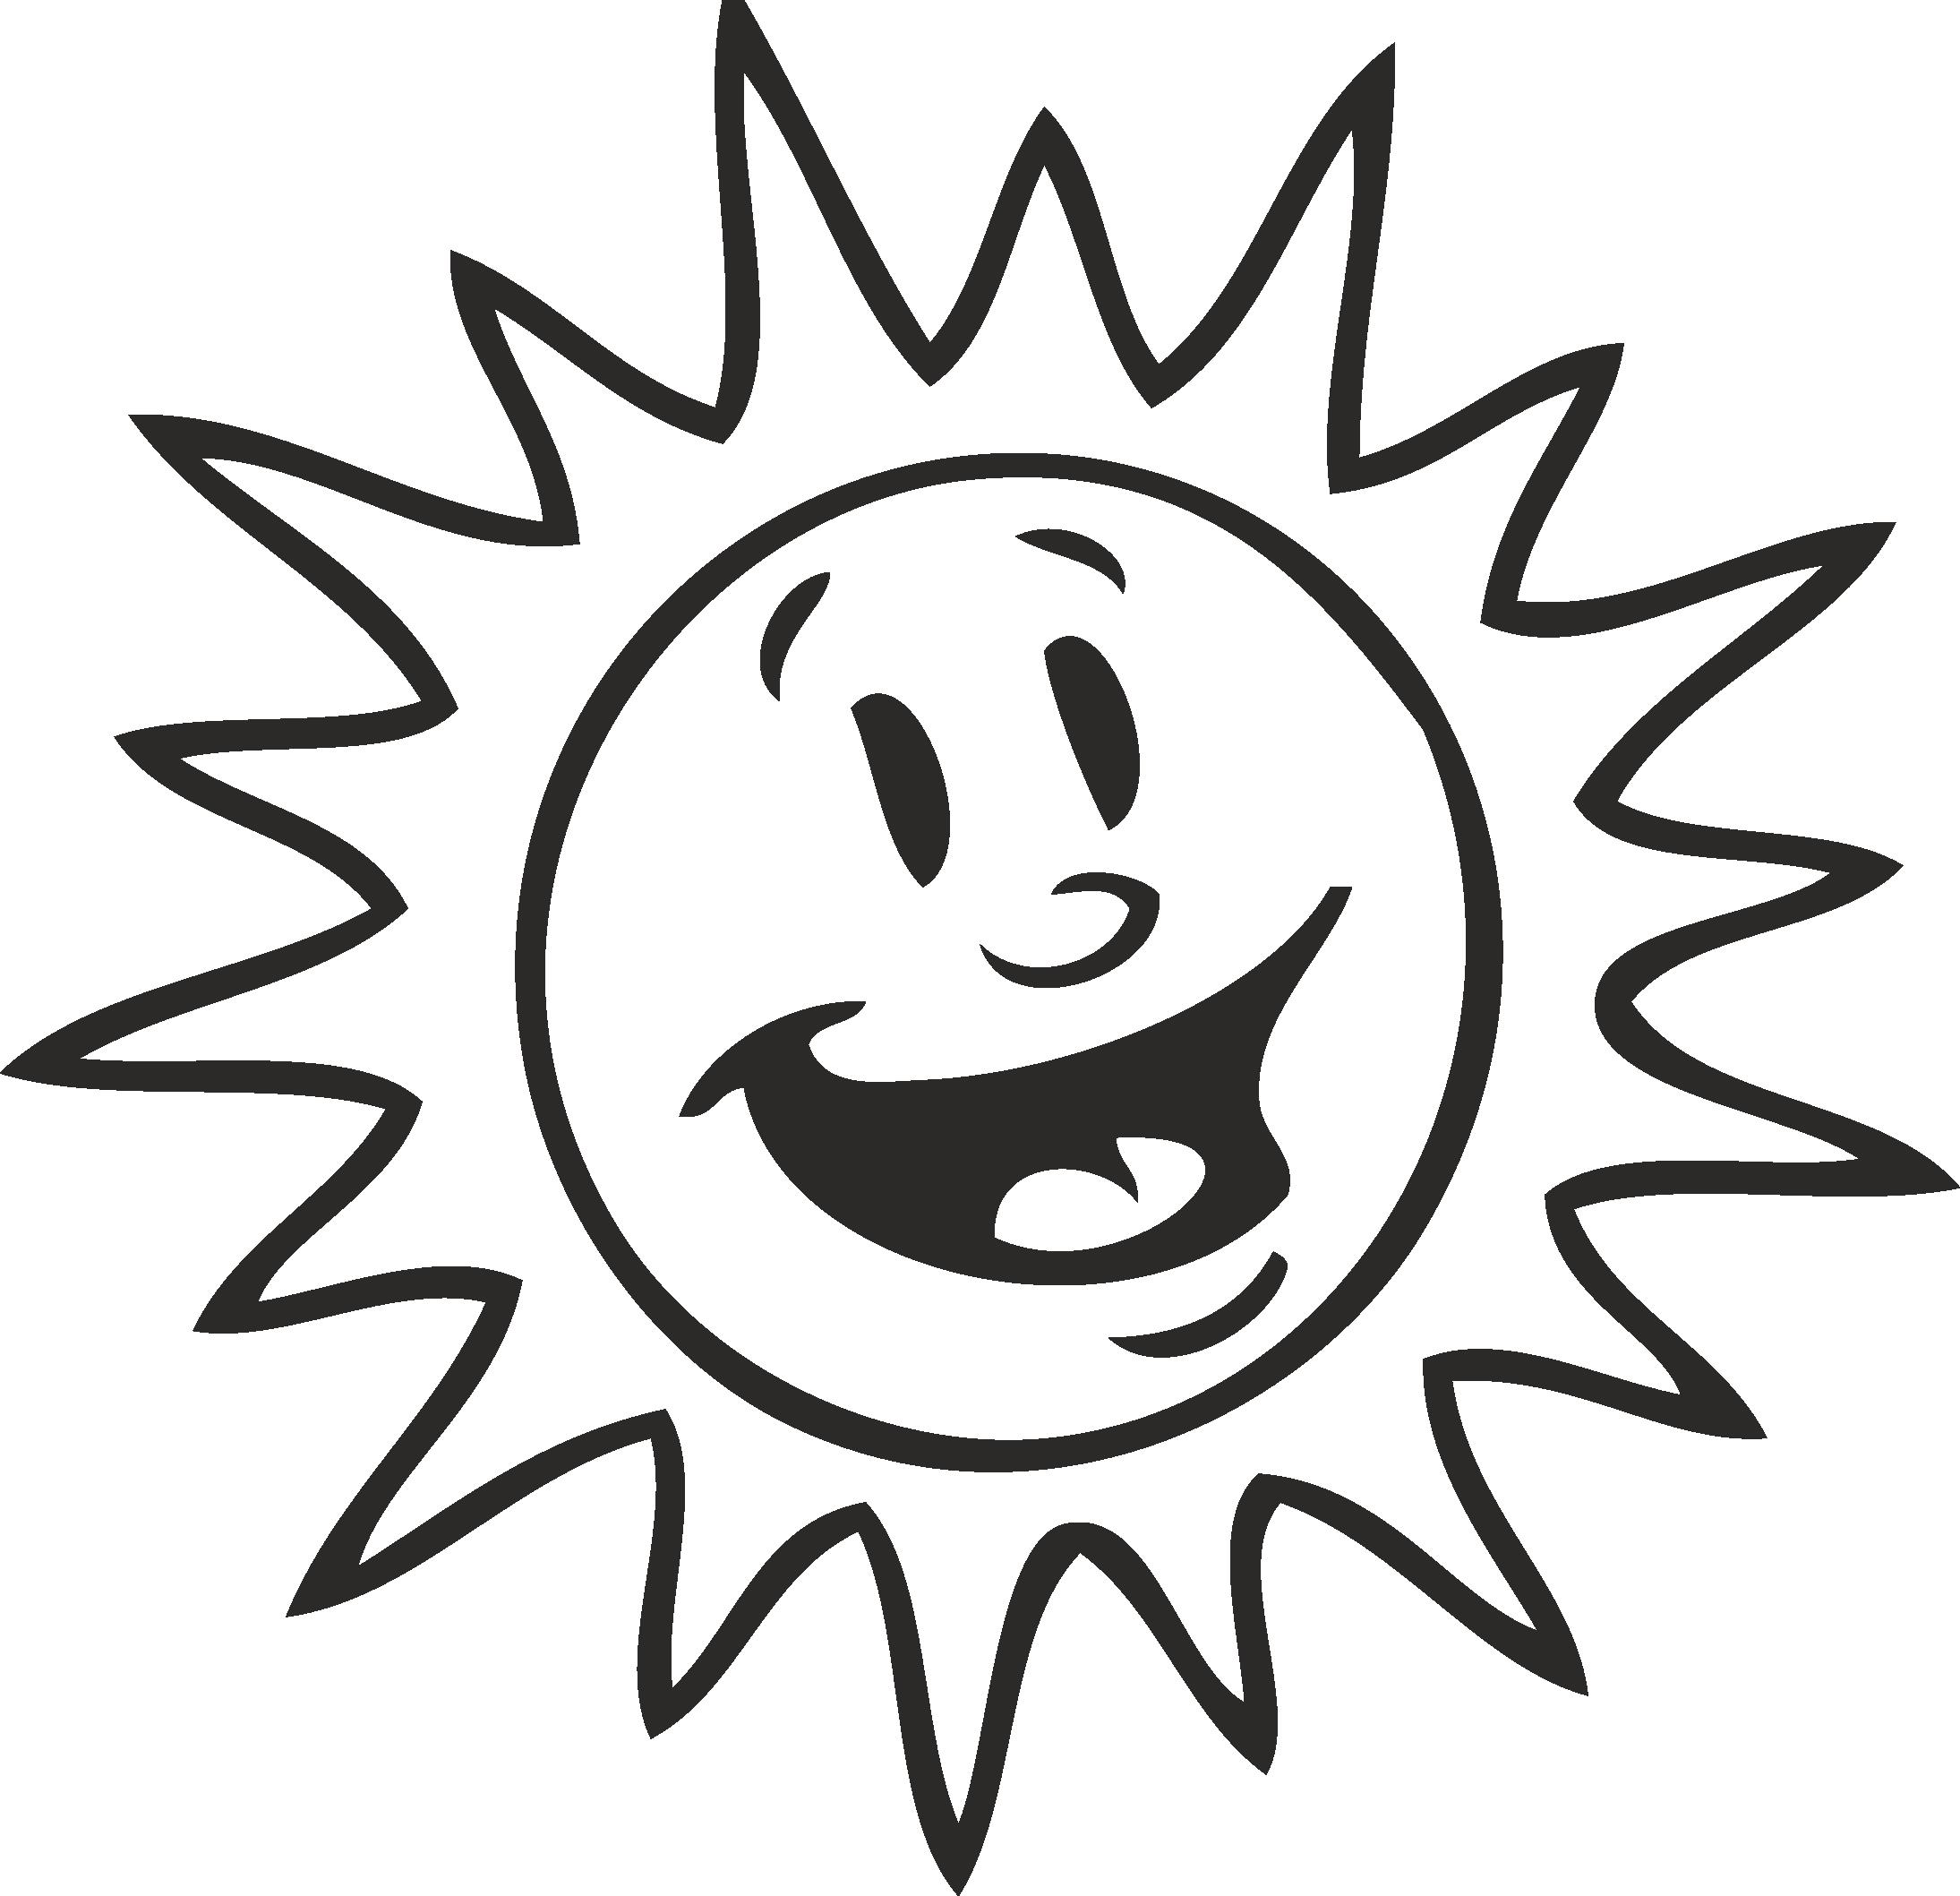 Solar Happy Emotions # 04 Free CDR Vectors Art